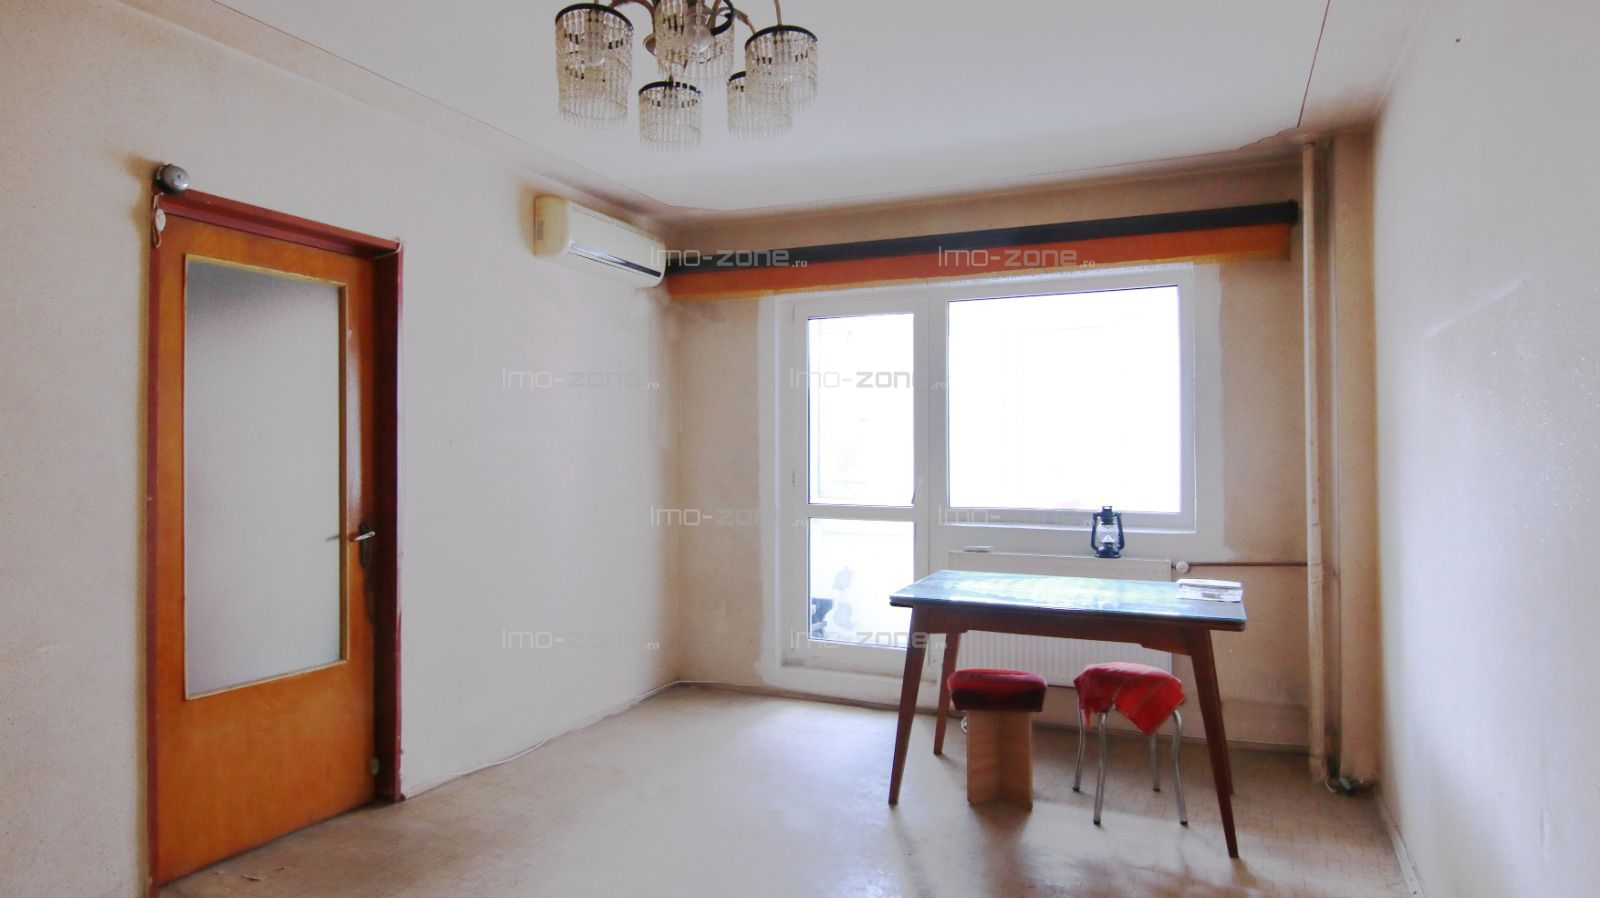 Apartament 2 camere 51 mp etaj 1, bloc 1984, reabilitat, Drumul Taberei Ghencea